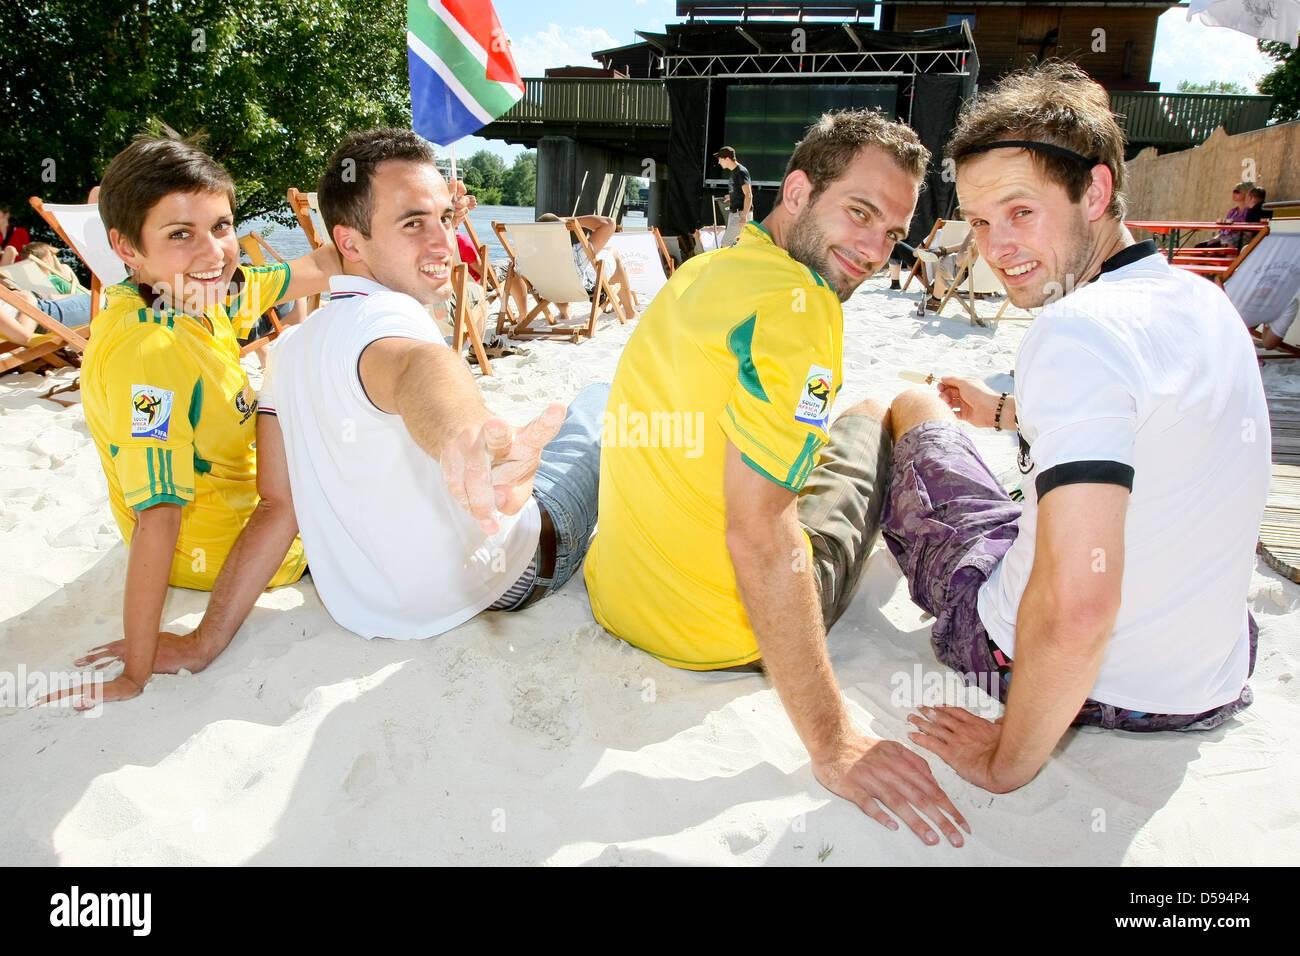 Deutsche und südafrikanische Fans feiern am 11.06.2010 vor einer Videoleinwand an der Strandbar in Magdeburg den Stock Photo